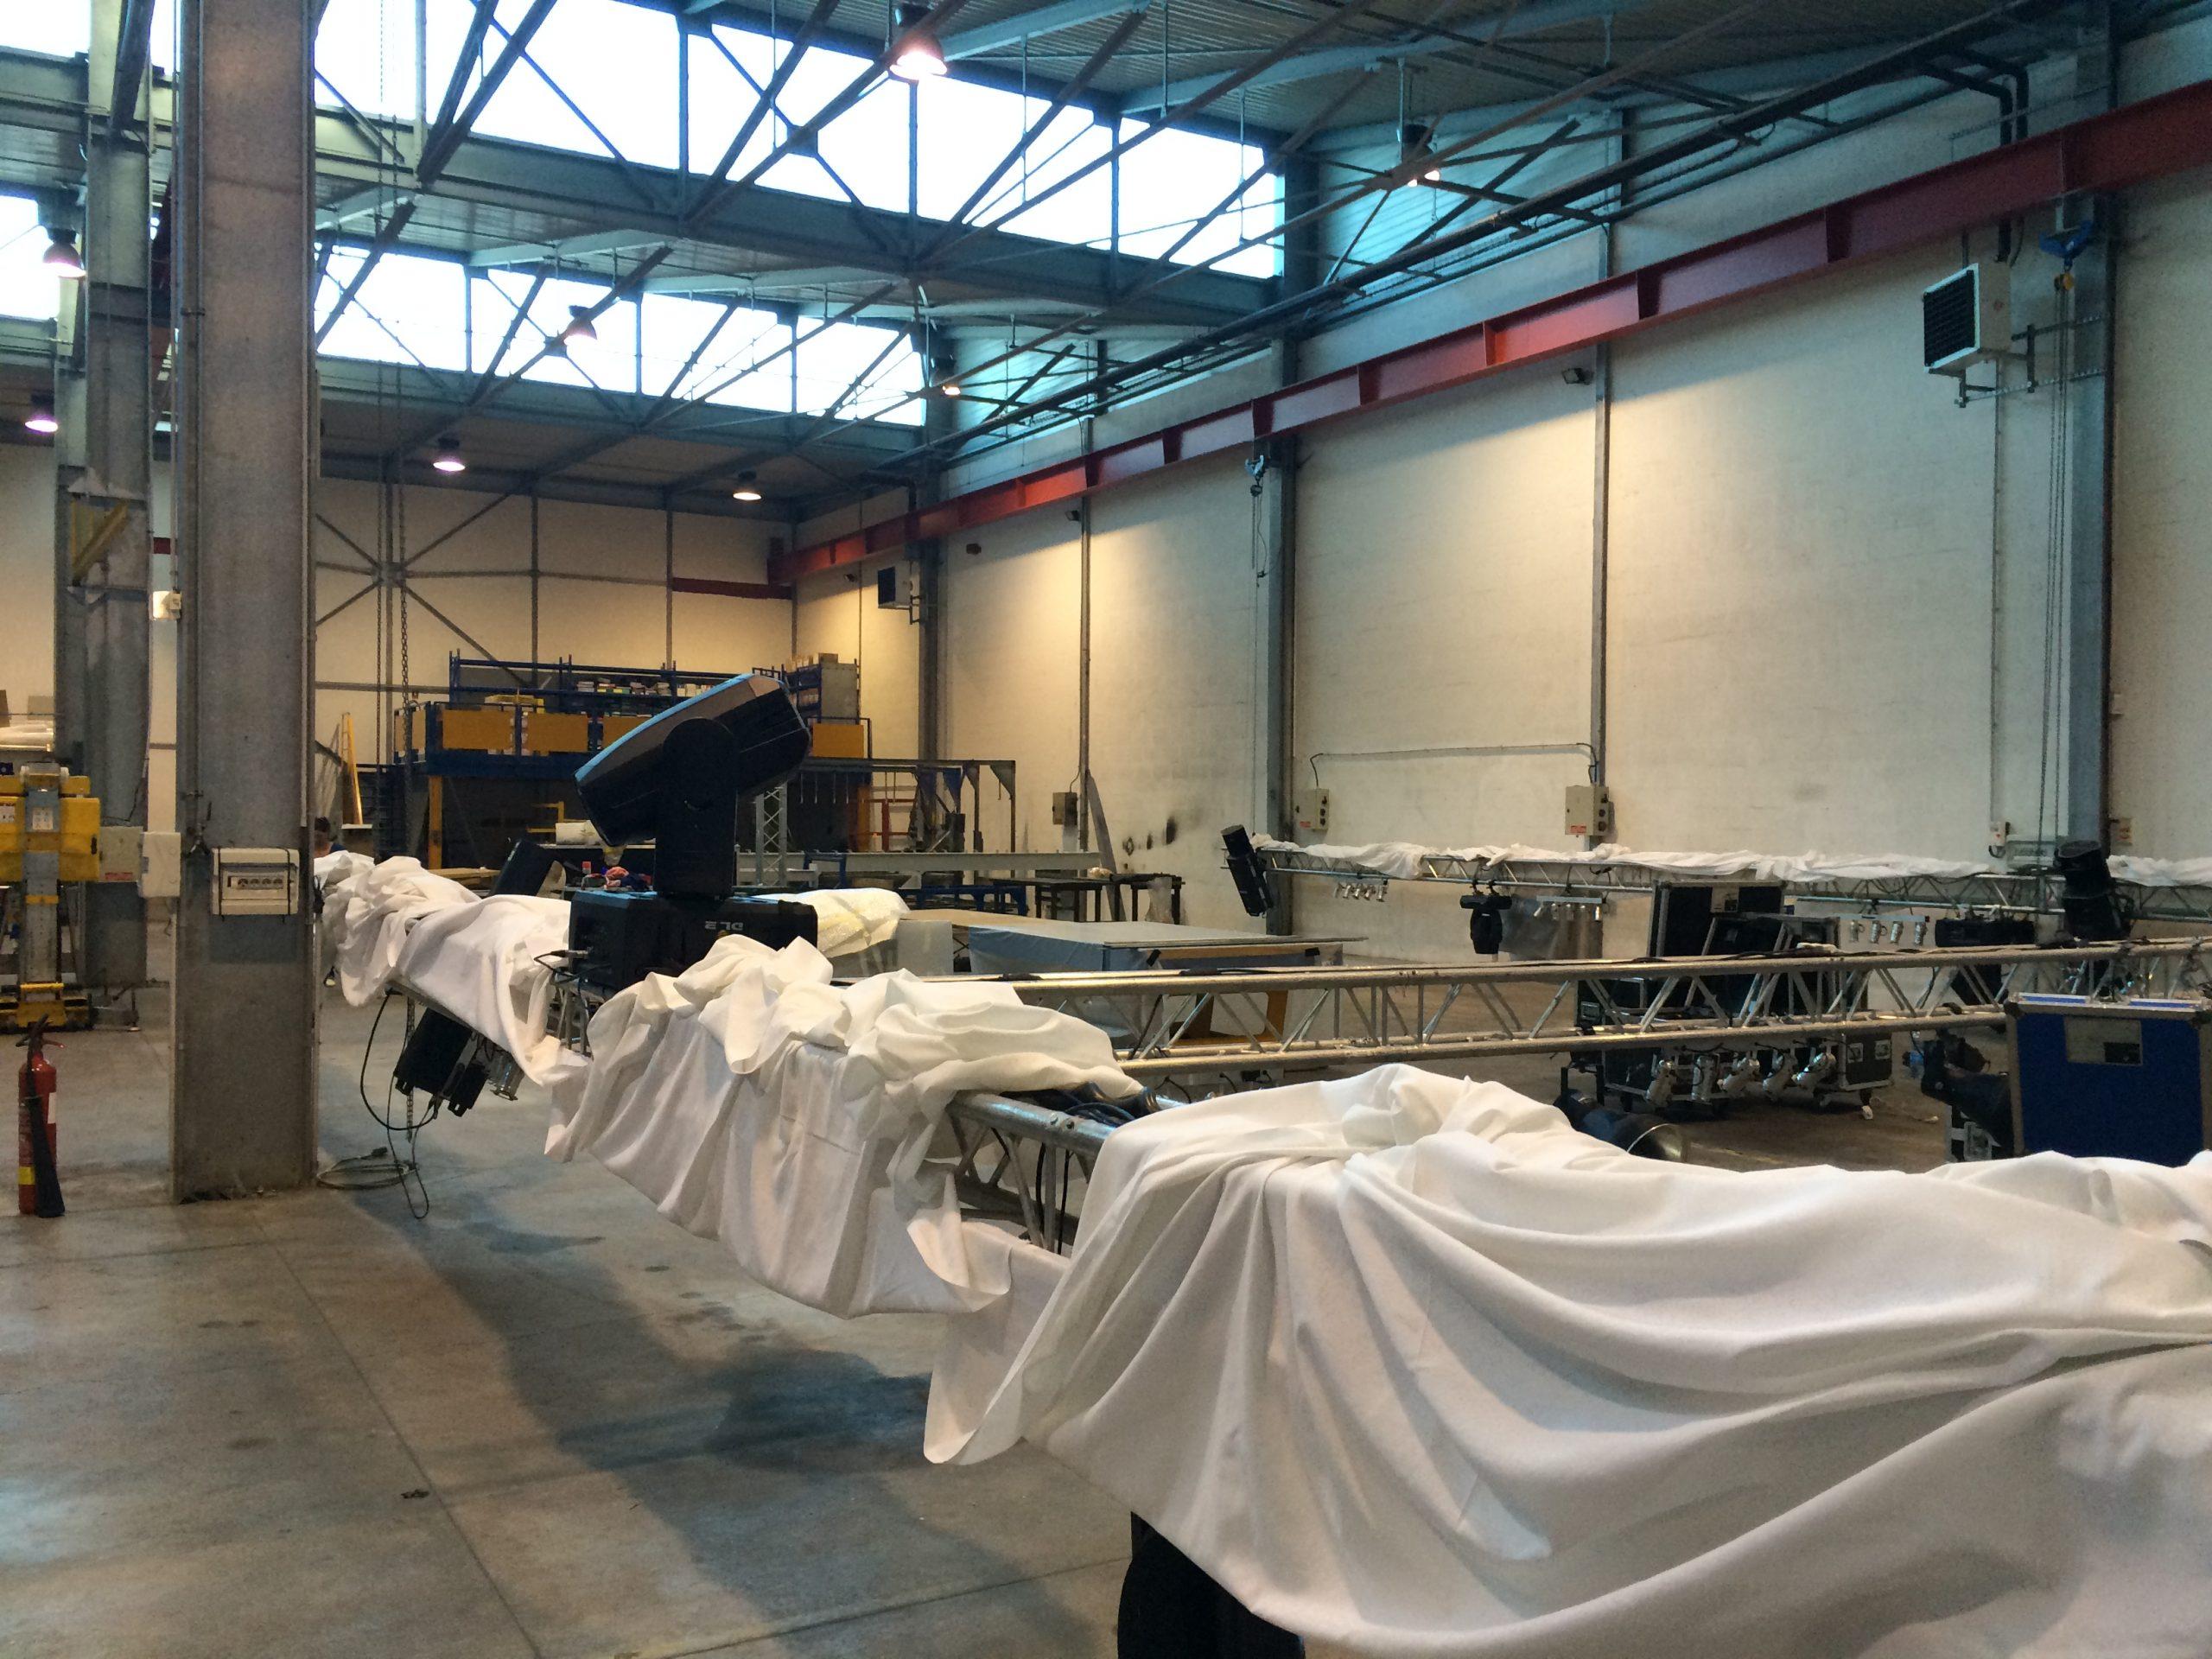 Pandora Concept pour HALGAND, Habillage d'un entrepôt pour un anniversaire d'entreprise, création d'une pièce de réception au milieu de l'usine